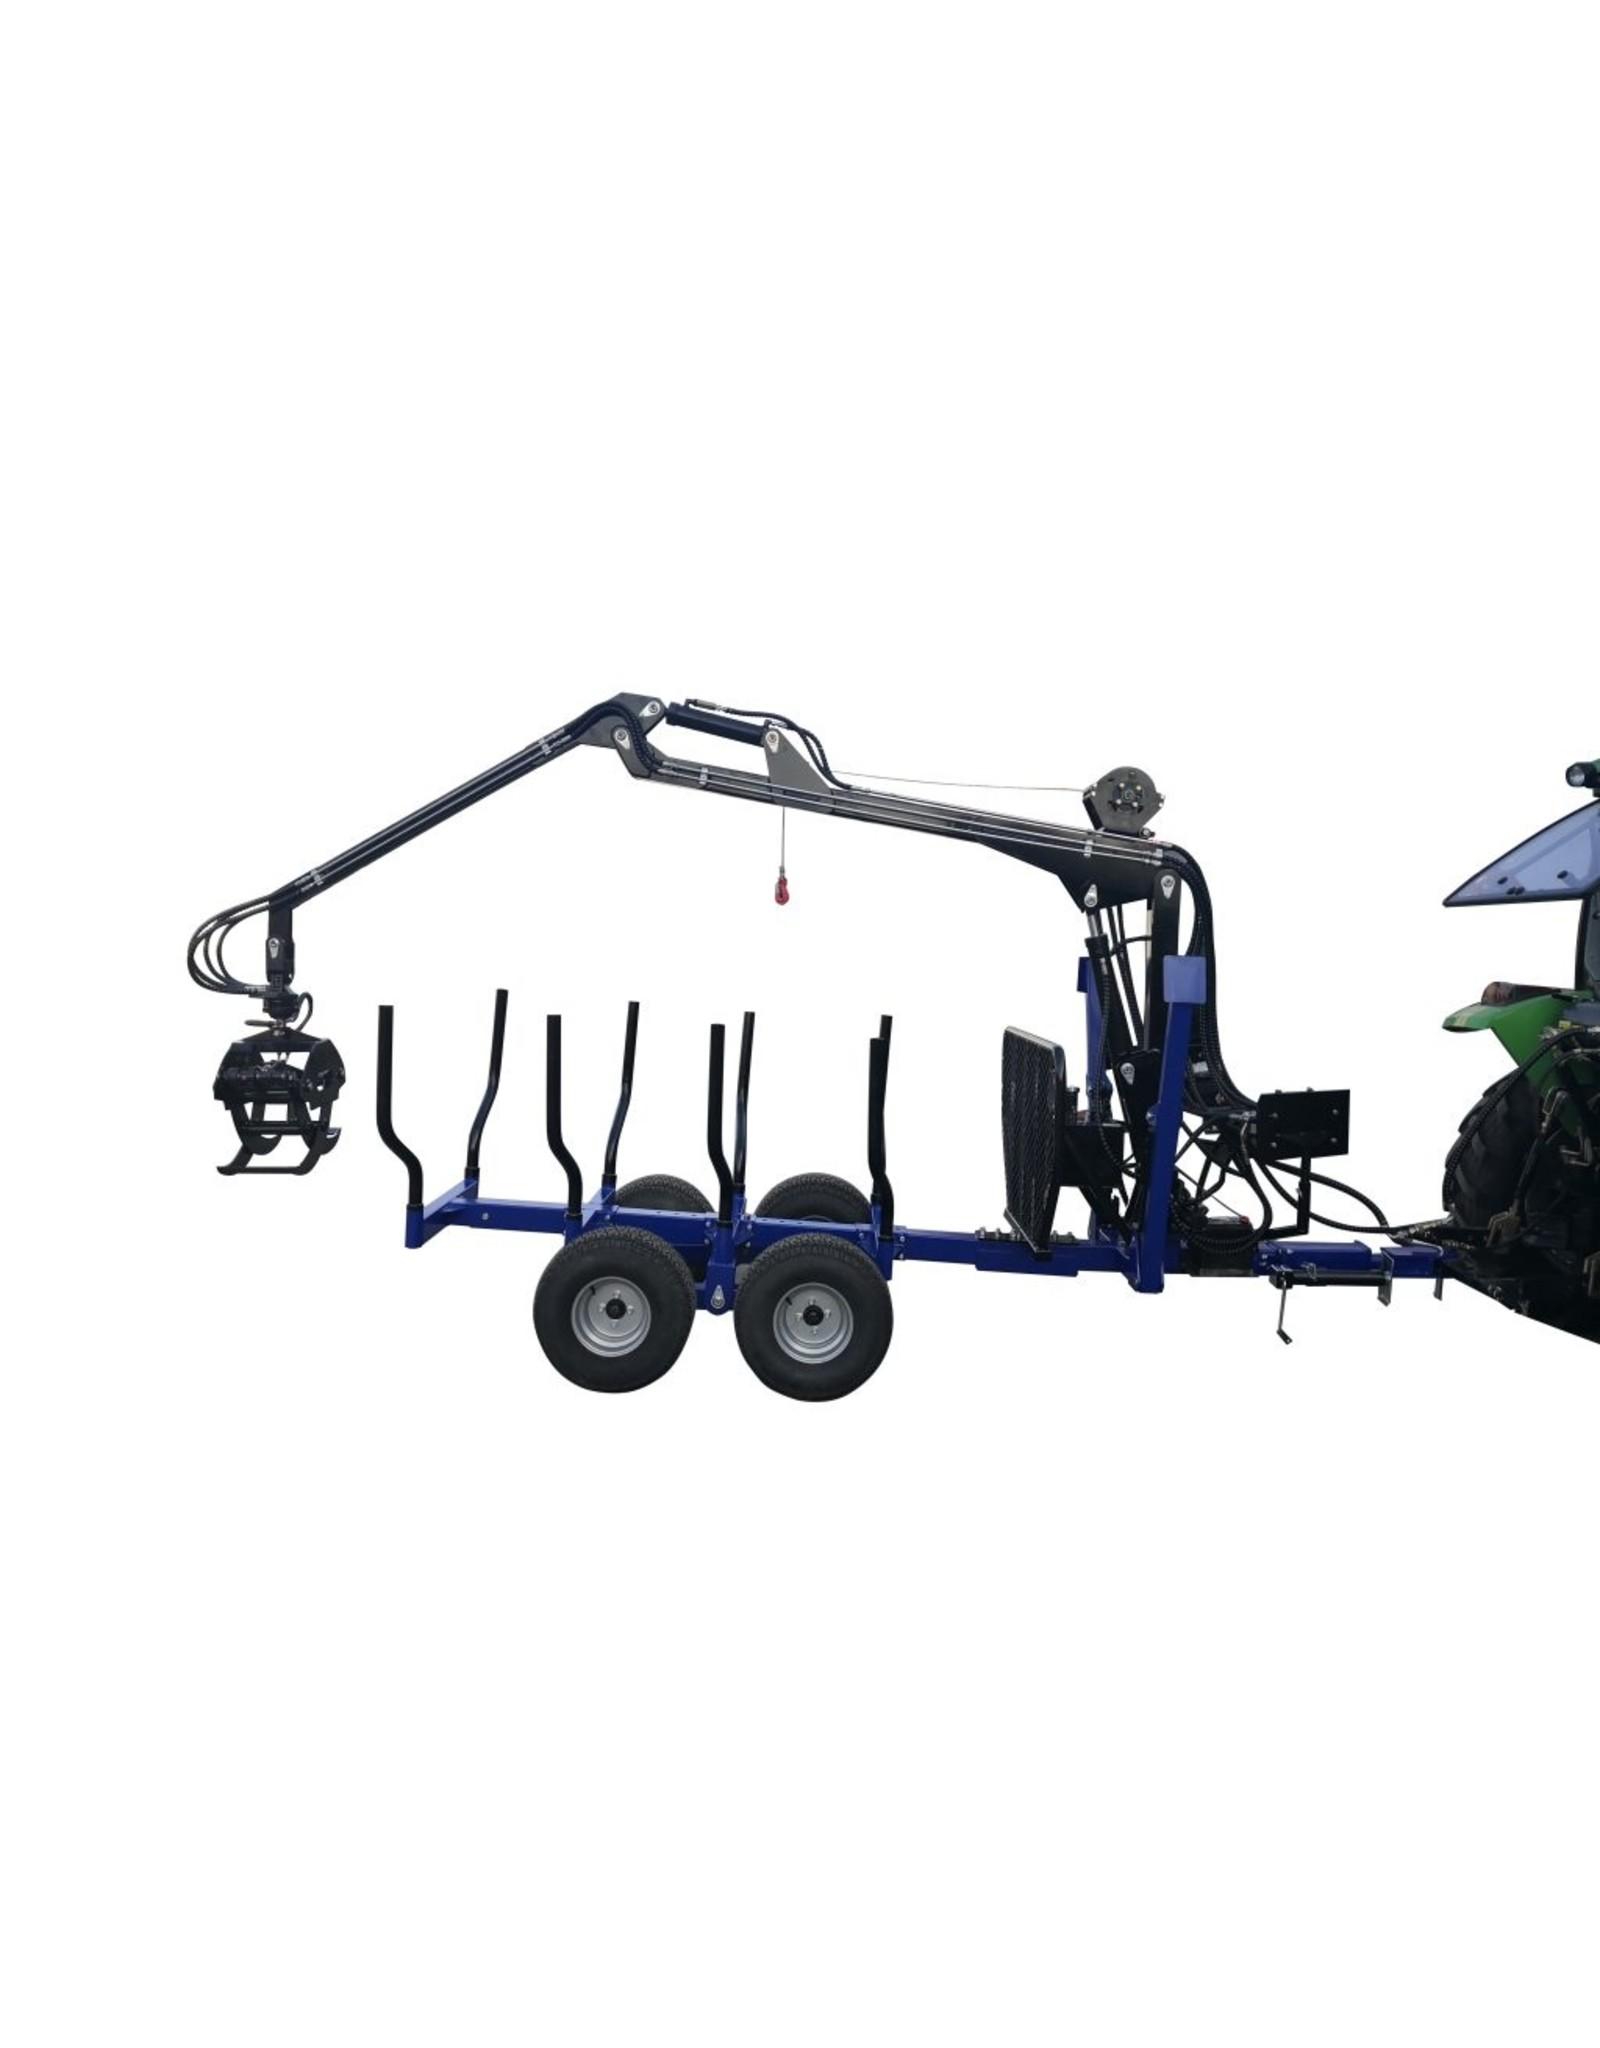 Range Road RR705 Hydraulic Forwarder